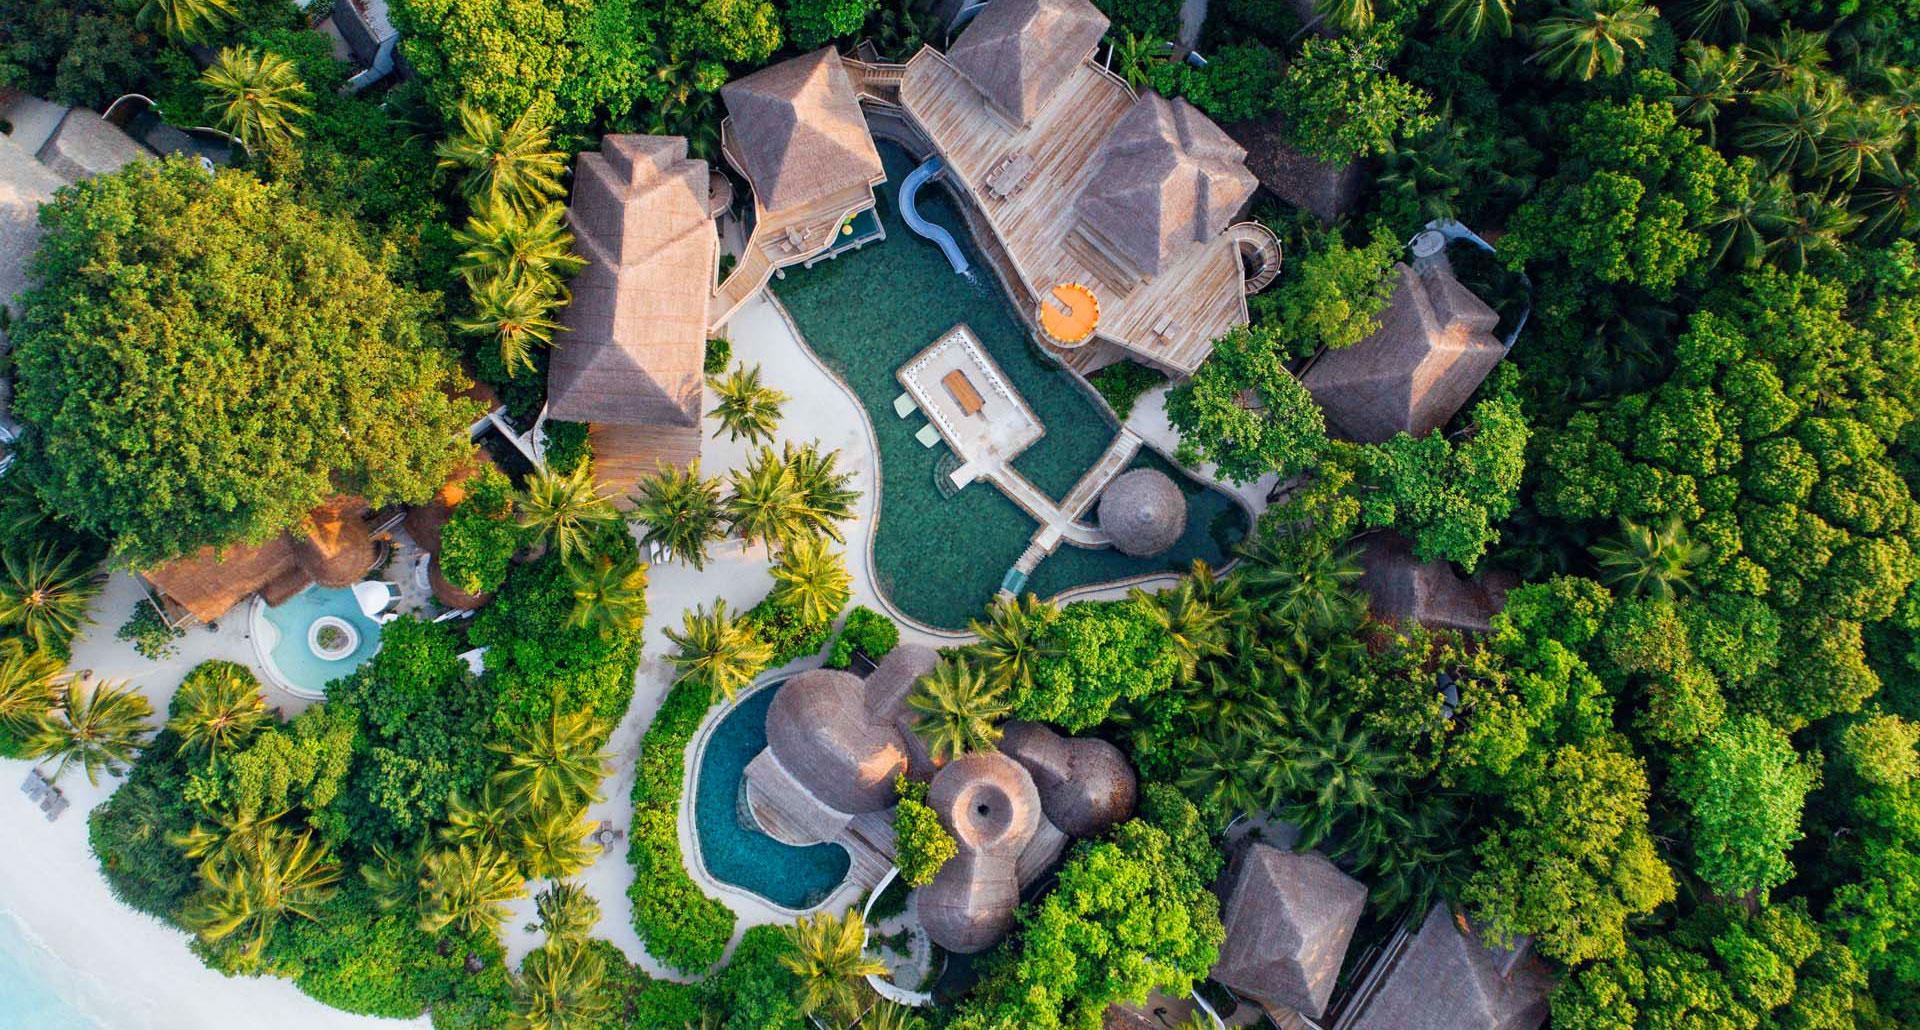 Soneva Fushi boutique hotel in the Maldives